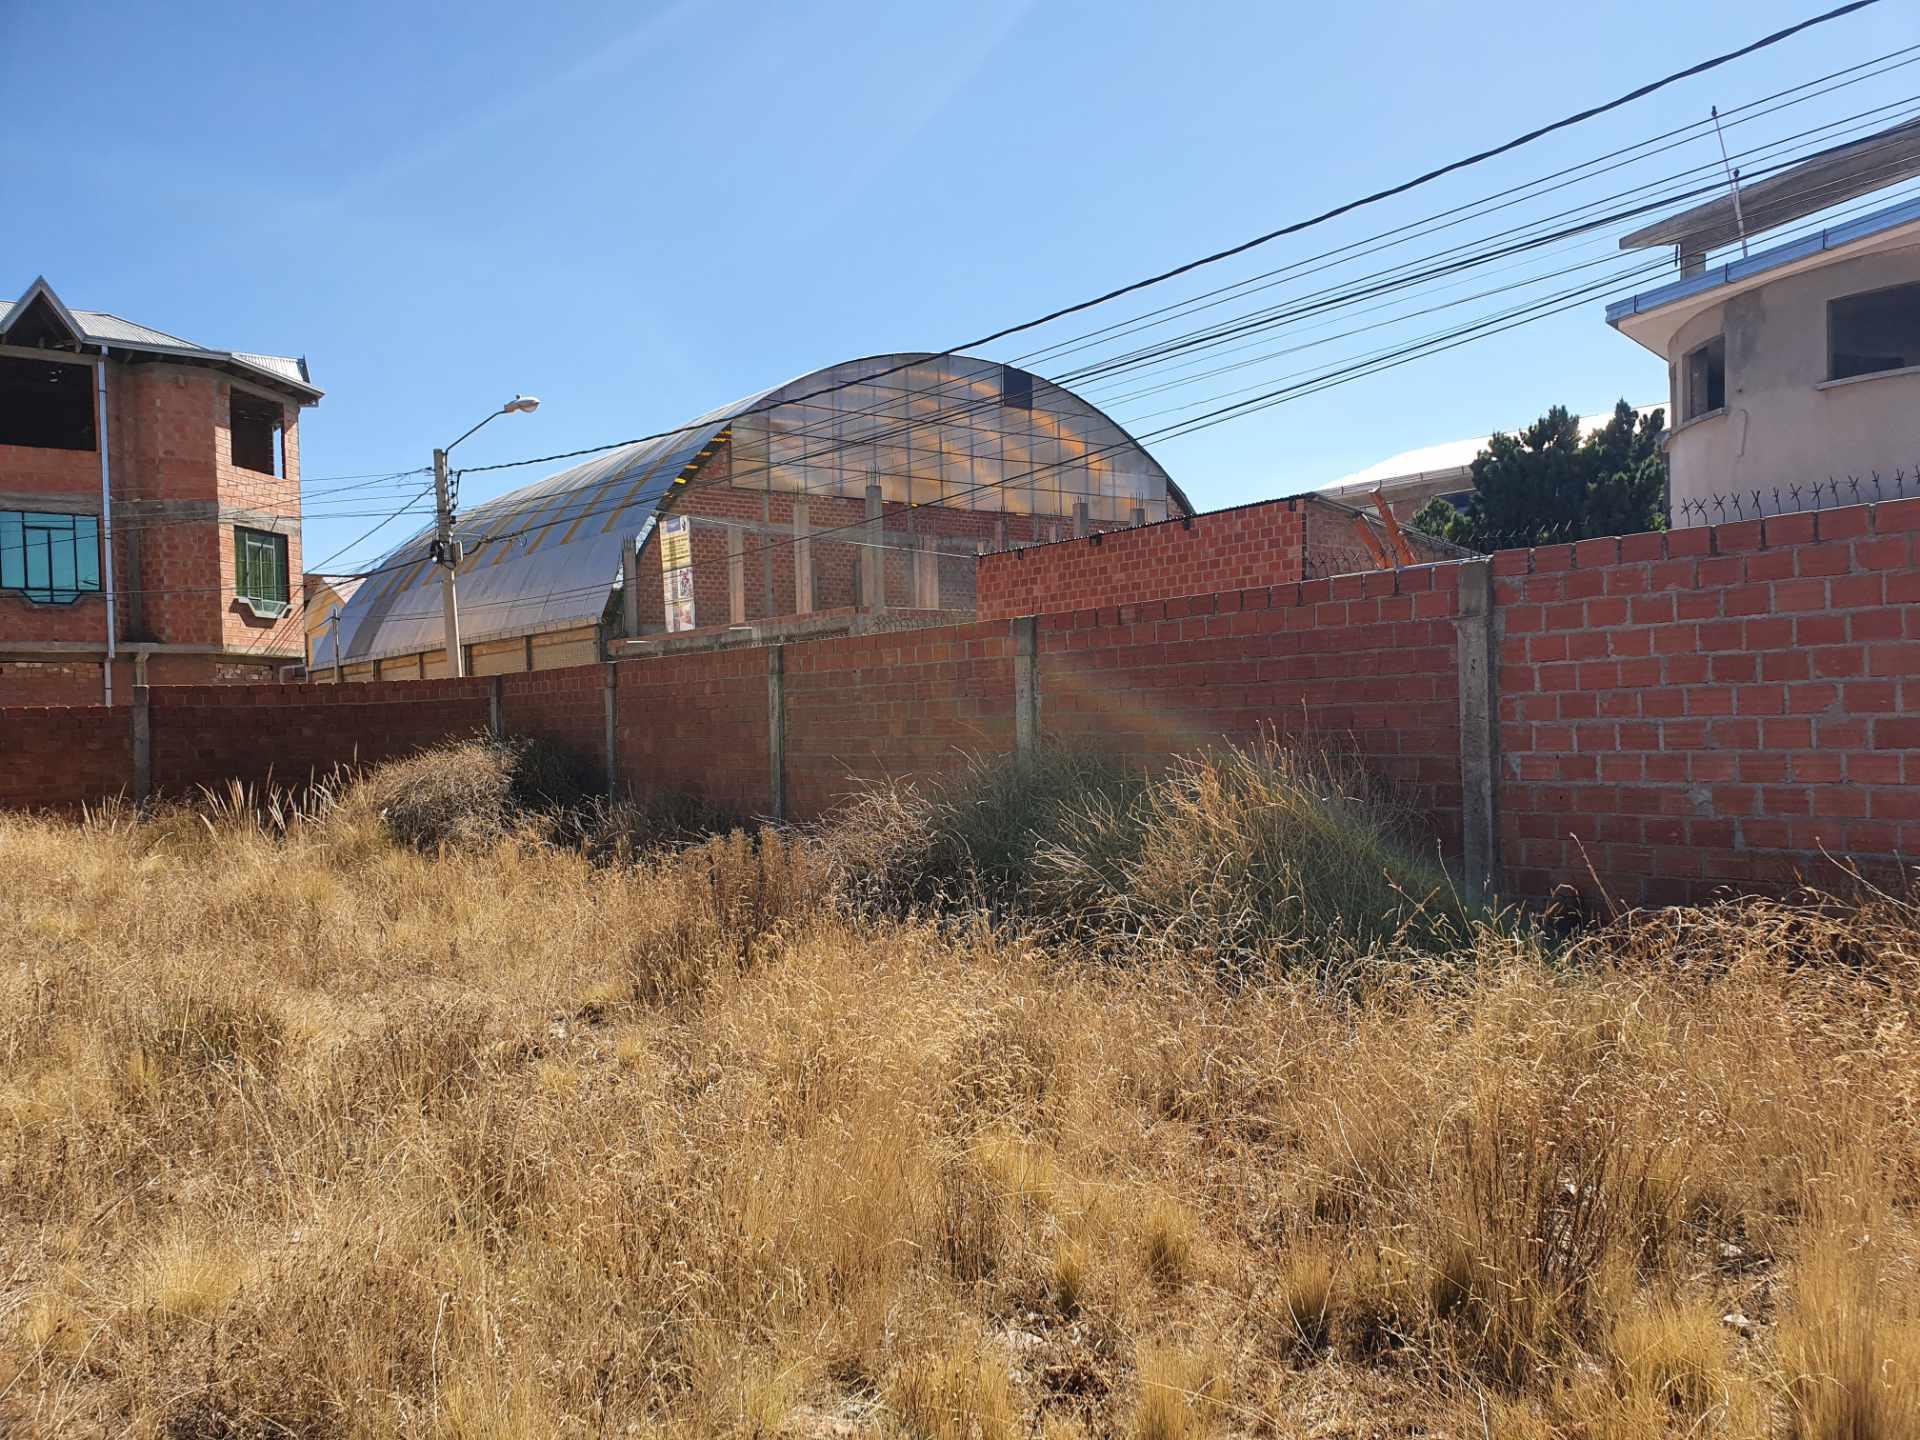 Terreno en Venta A 4 cuadras de Cruce a Villa Adela y a una de Avenida Bolivia  Foto 5